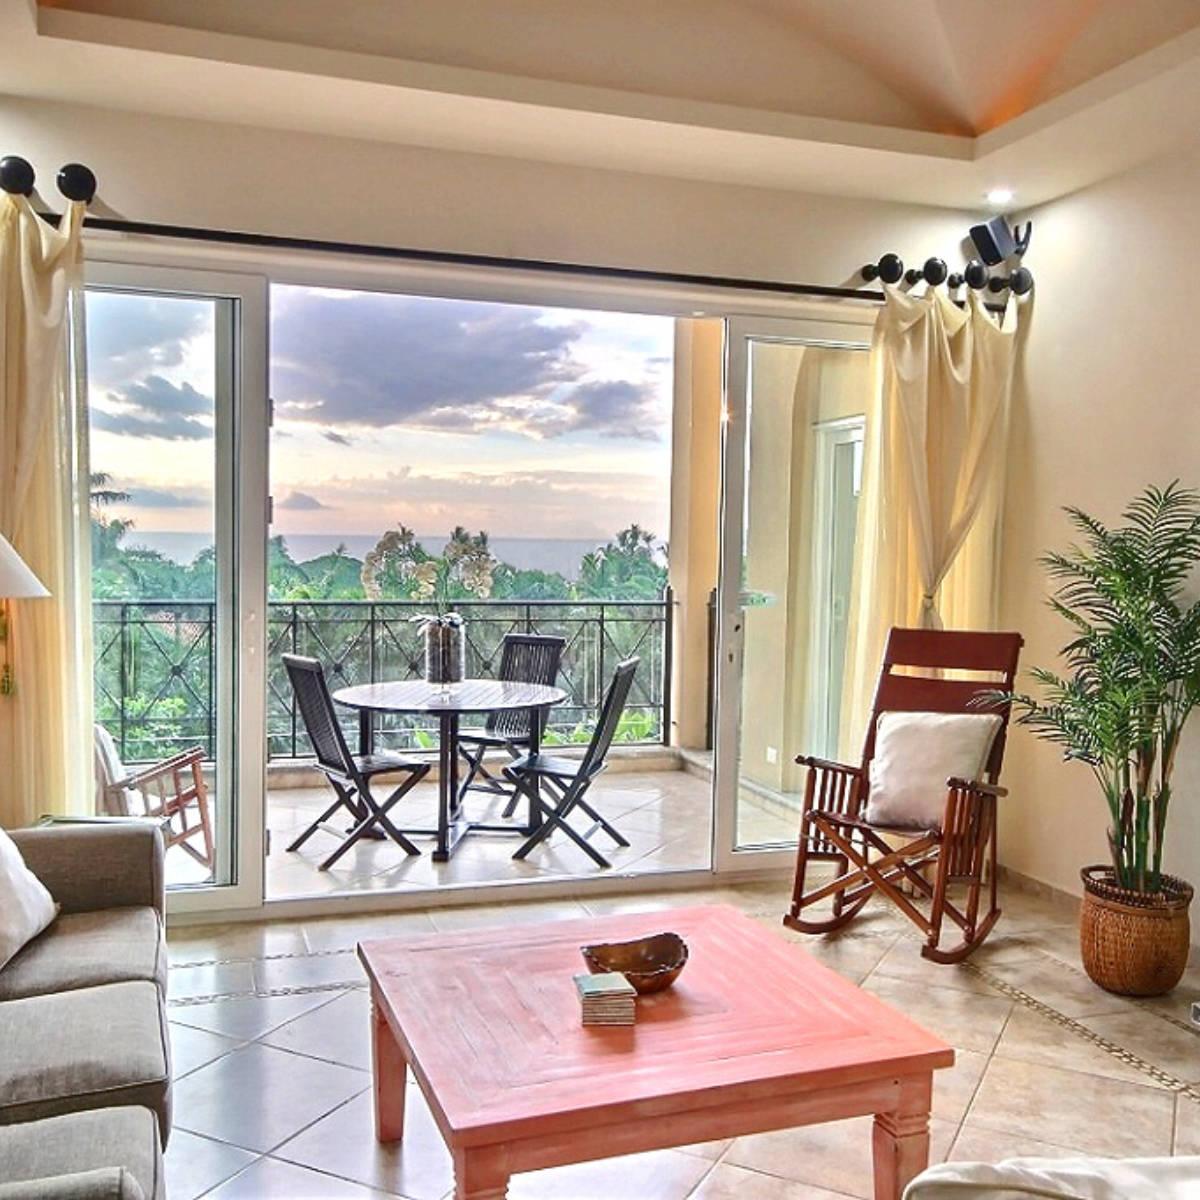 Living Room Translate To Indo: Tamarindo Diria Condo